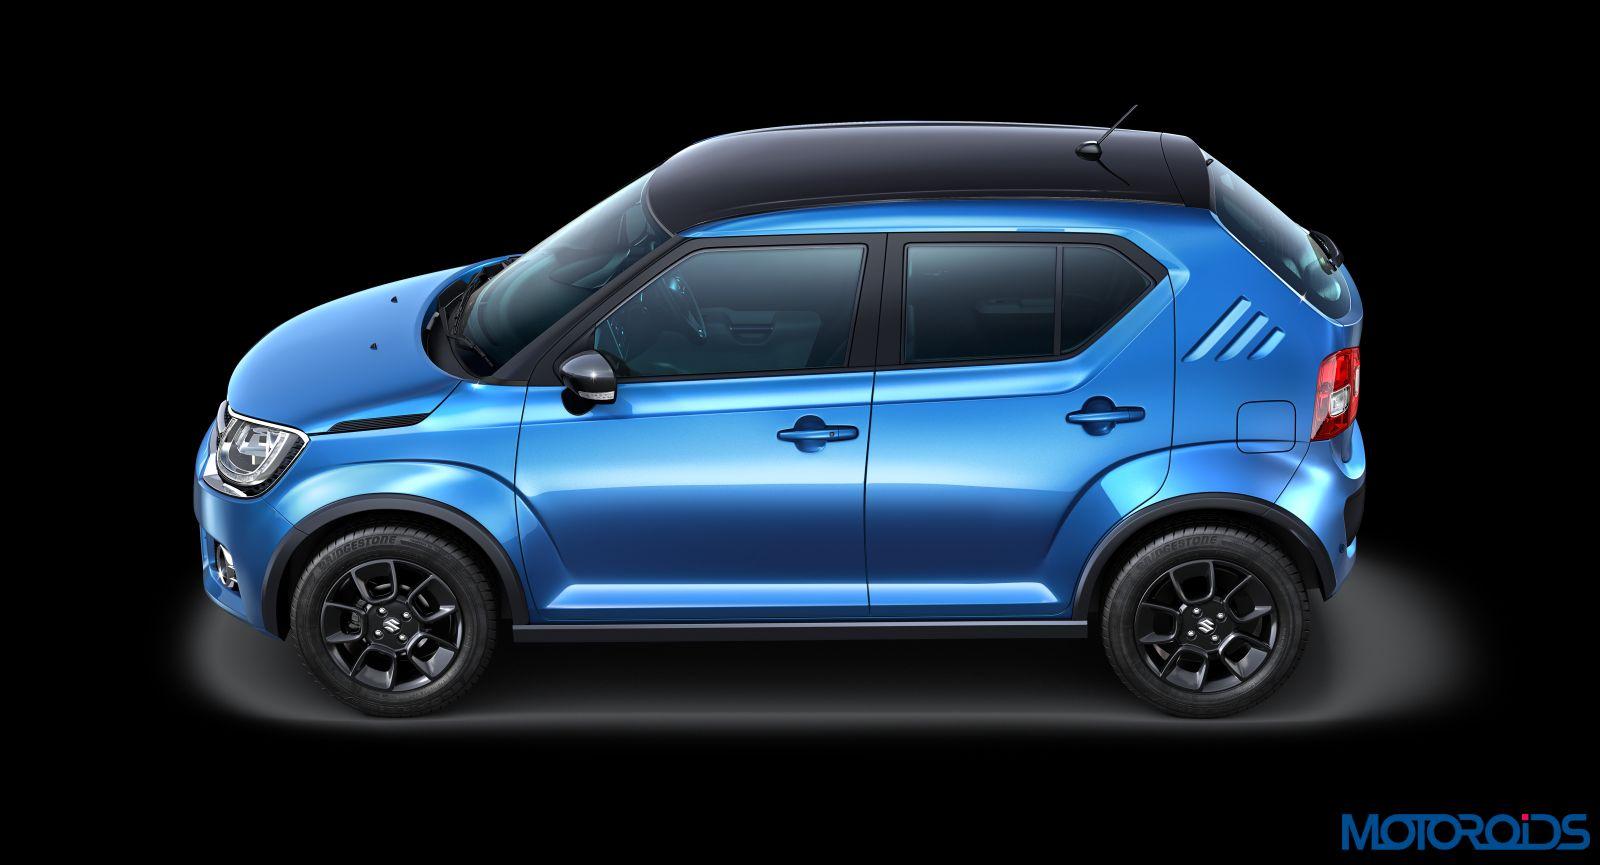 India-spec-Maruti-Suzuki-Ignis-4